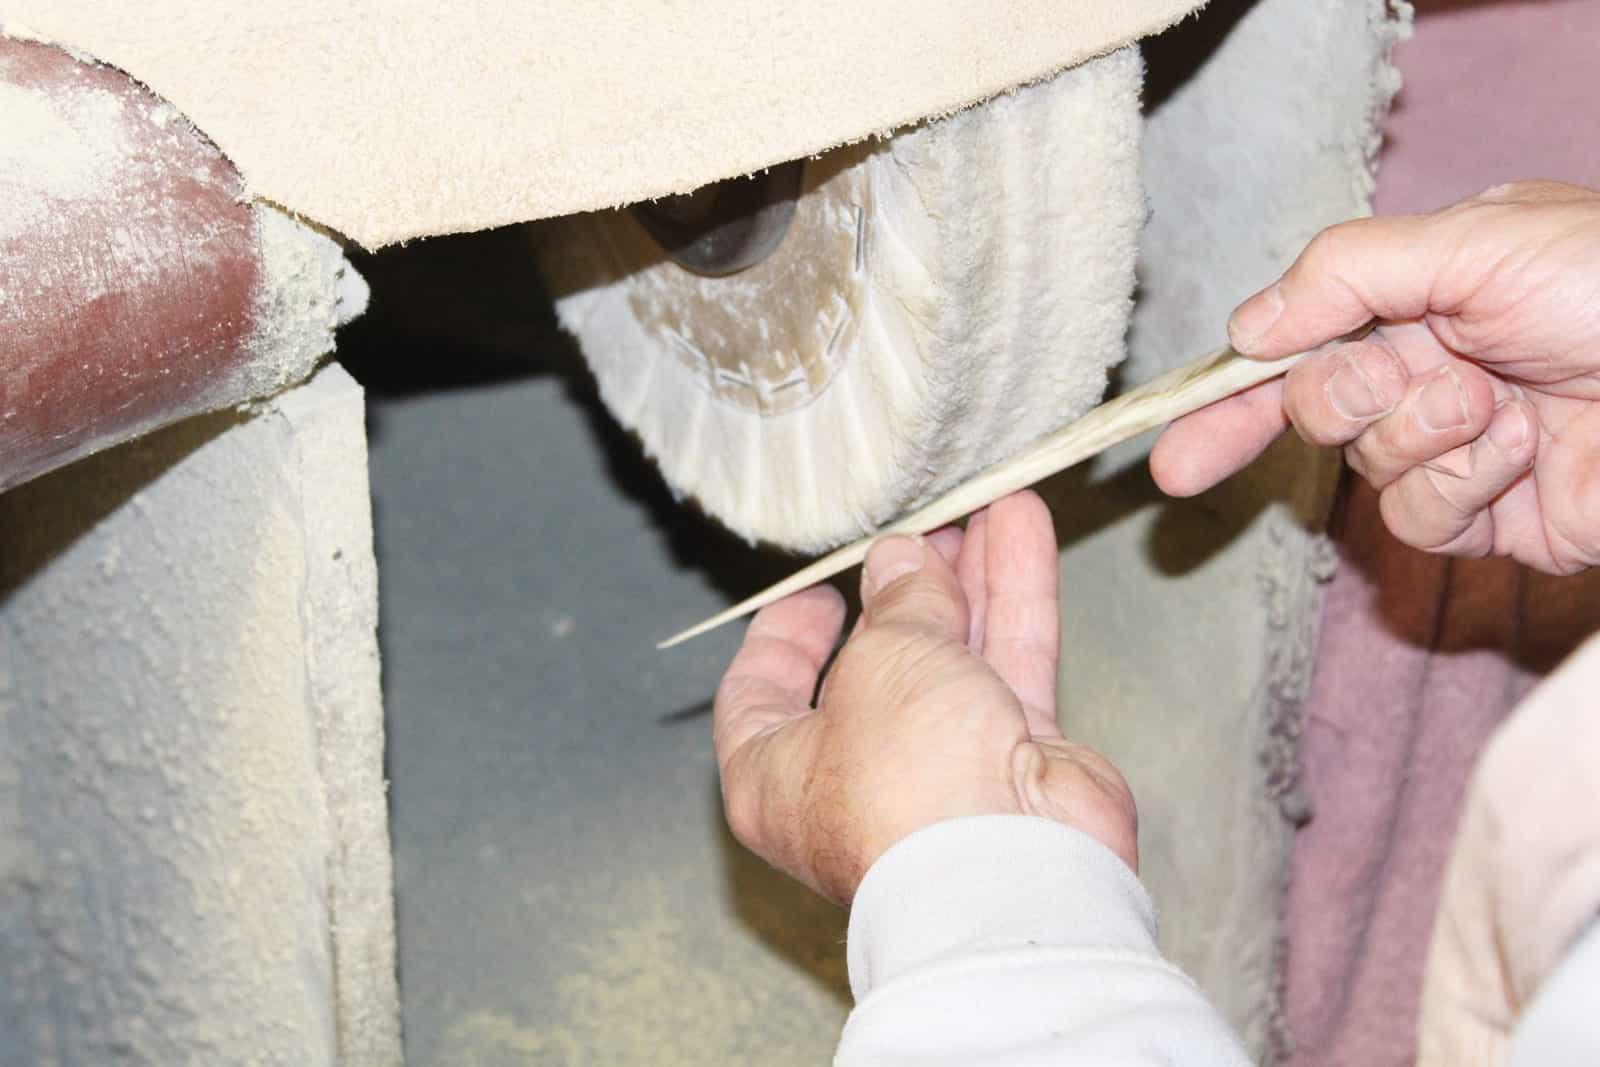 Kunsthandwerk Hornverarbeitung Thohr Polieren